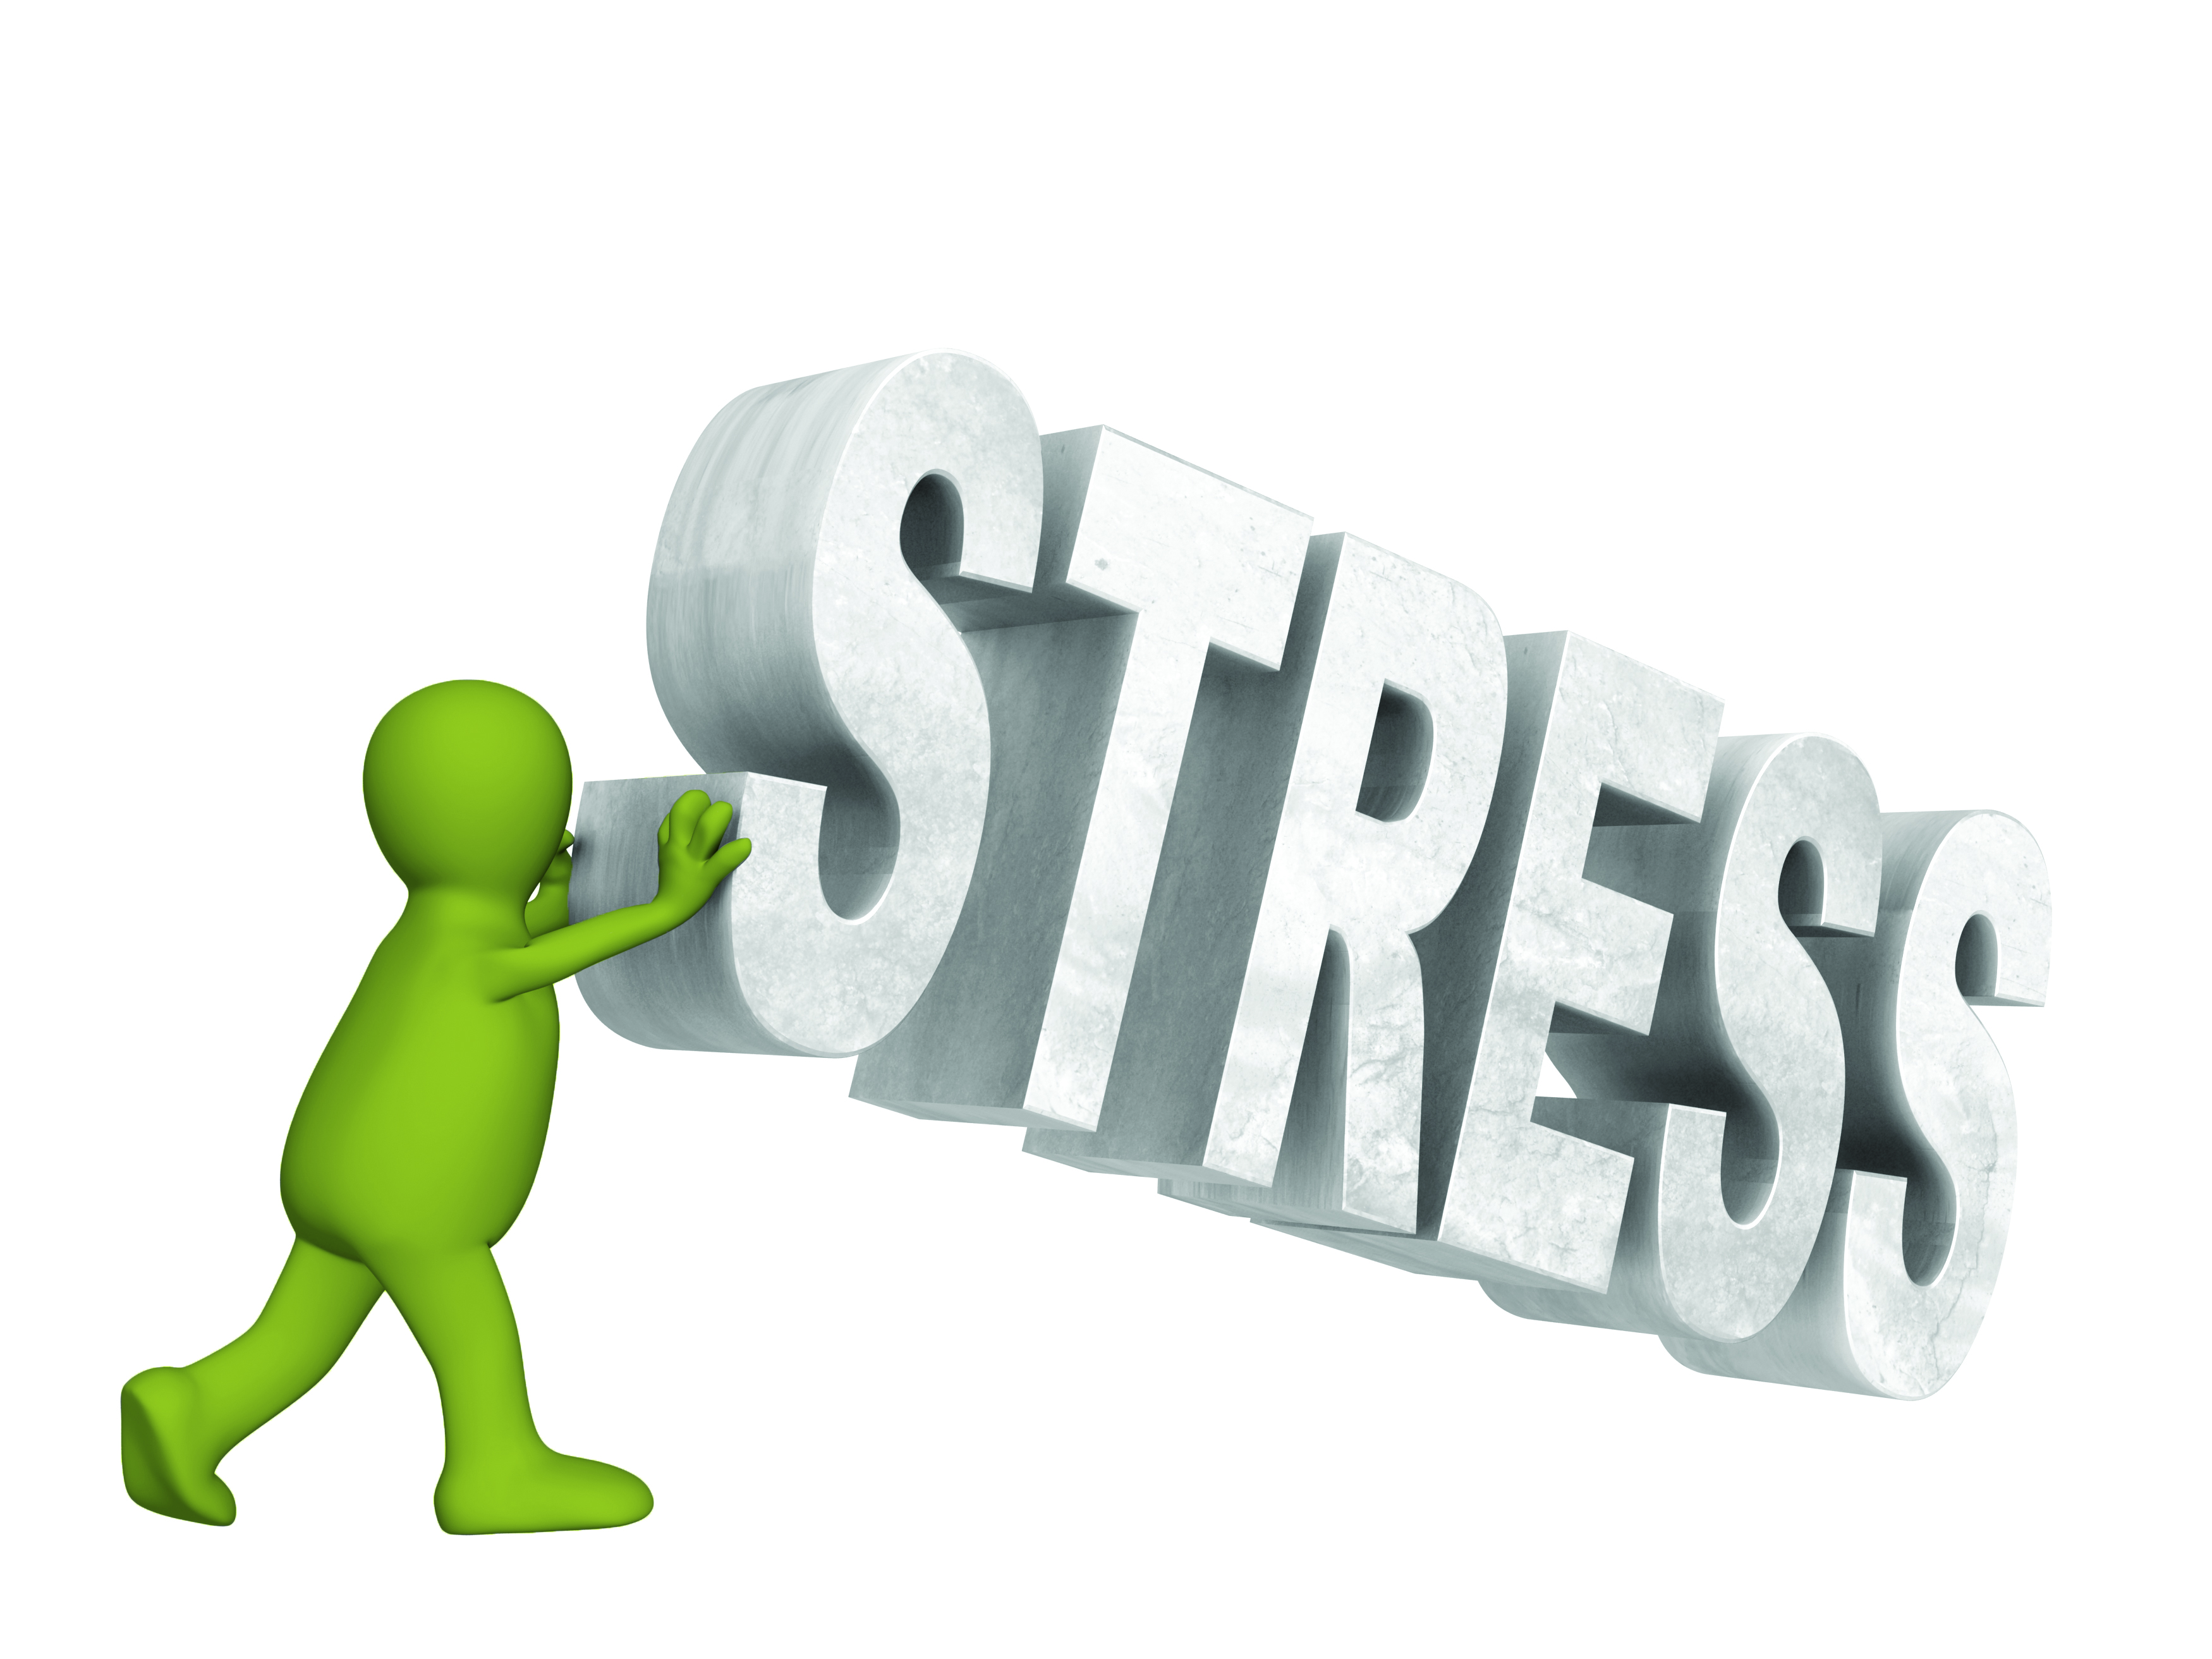 Картинка по теме: Стресс - причина, мешающая похудеть